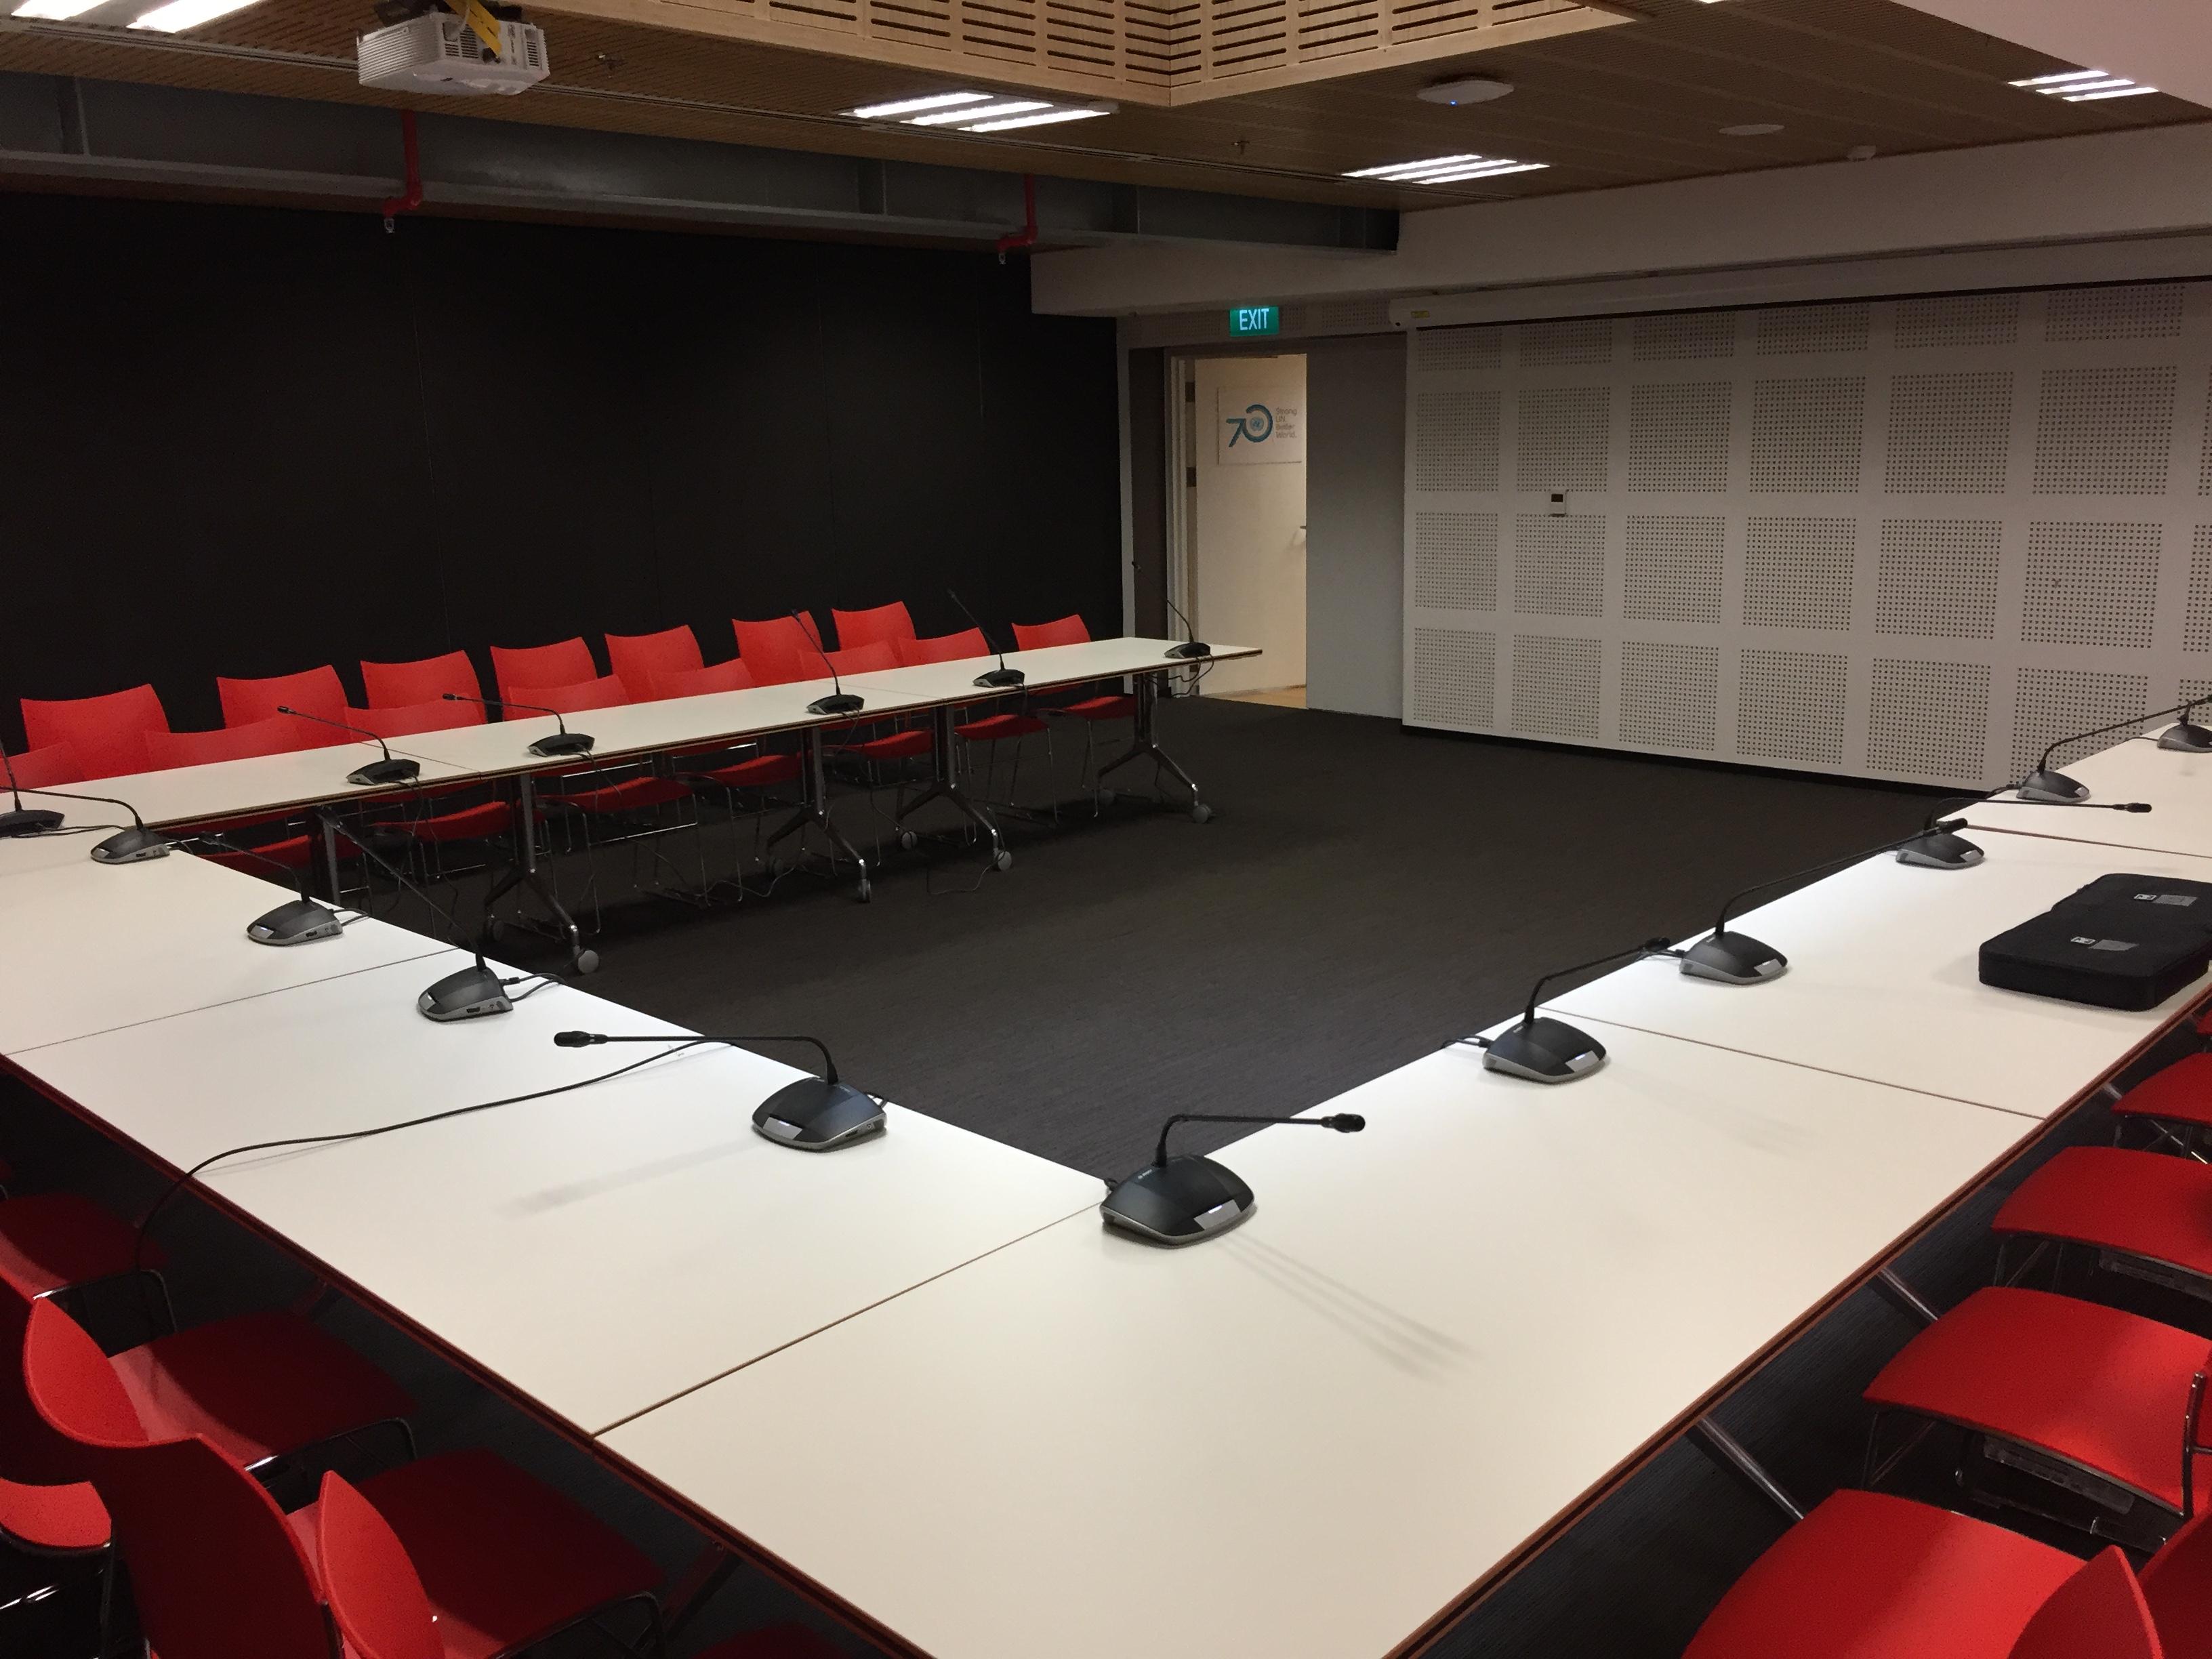 Hải Hưng lắp đặt hệ thống âm thanh cho phòng họp Liên Hợp Quốc